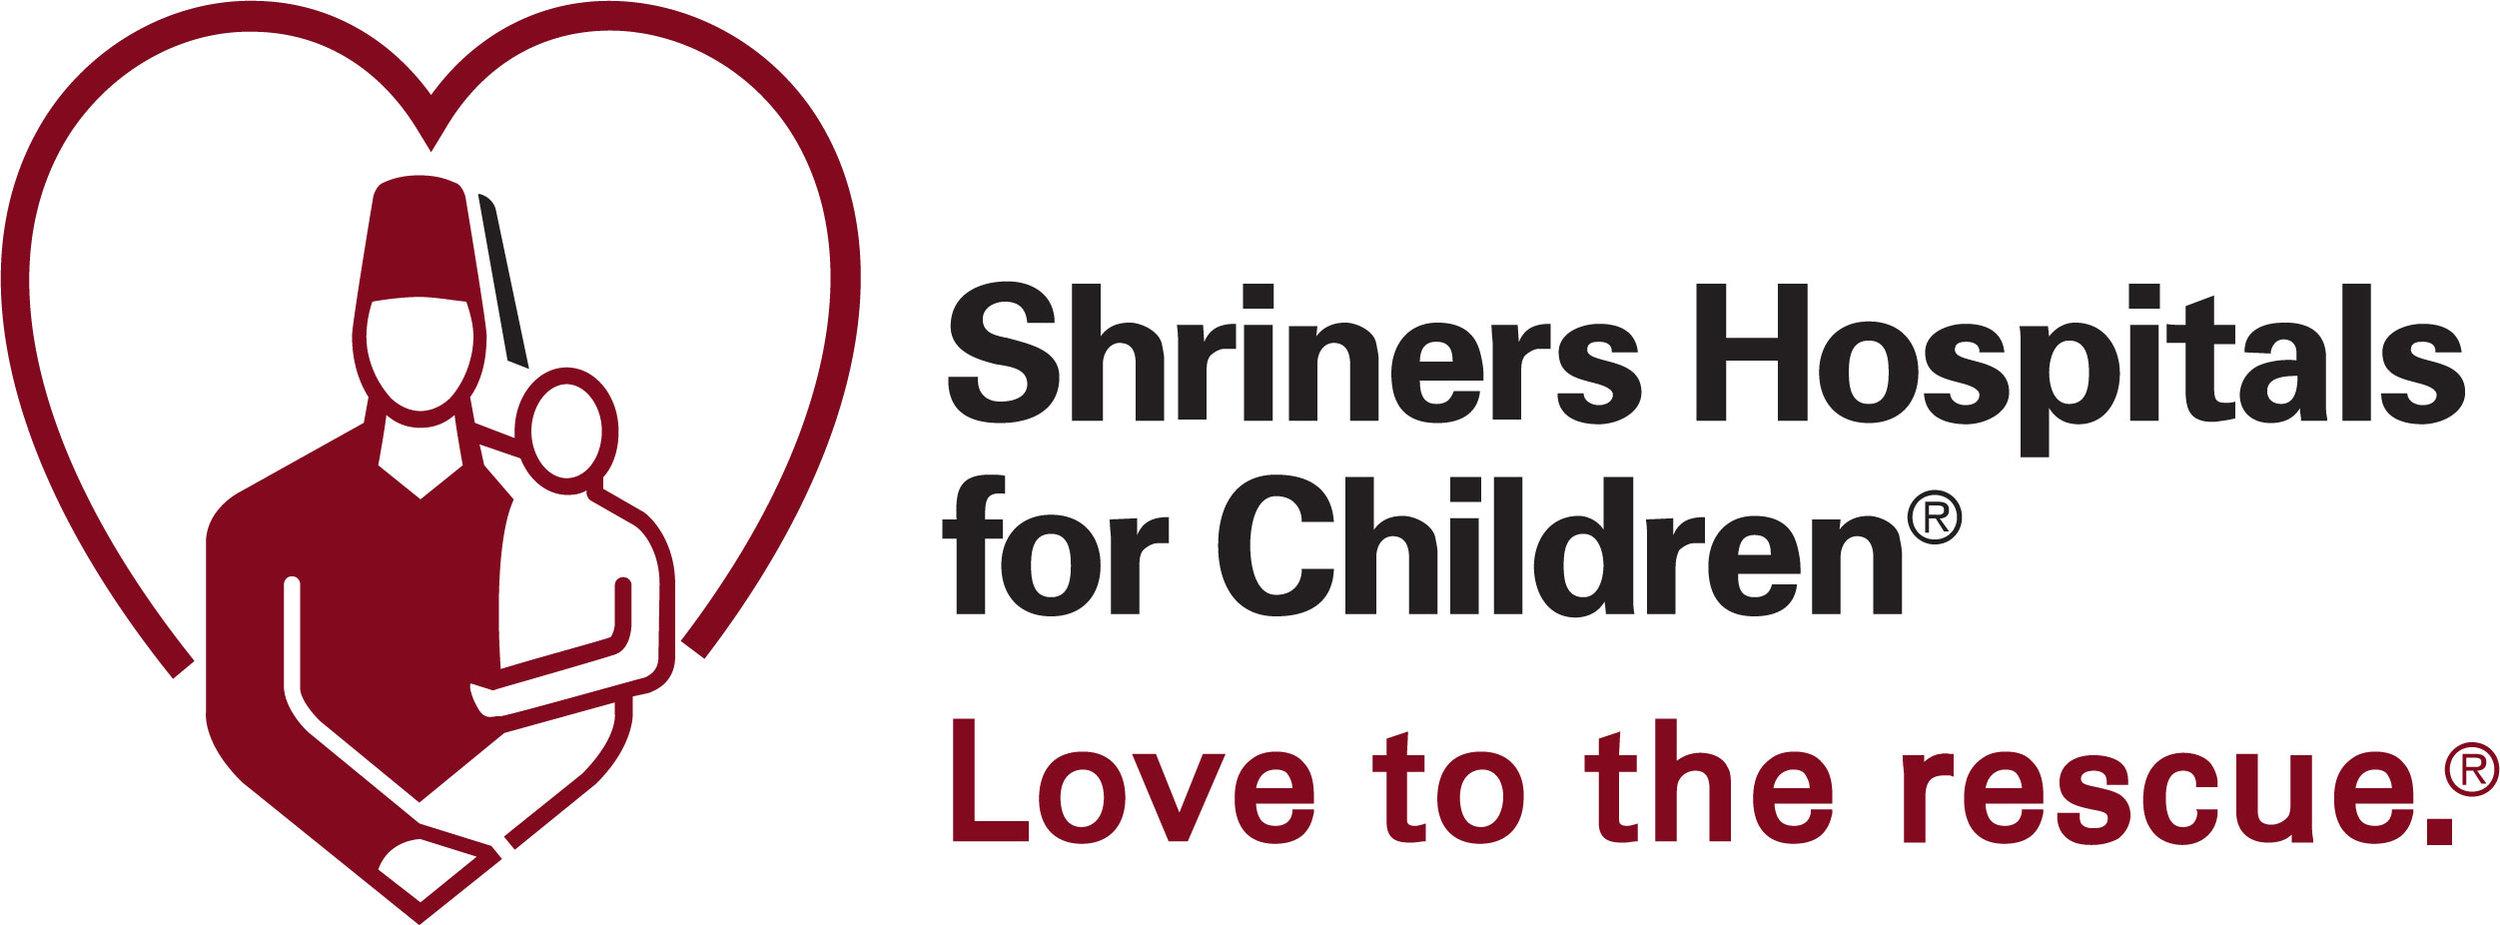 shriners-hospitals-for-children.jpg